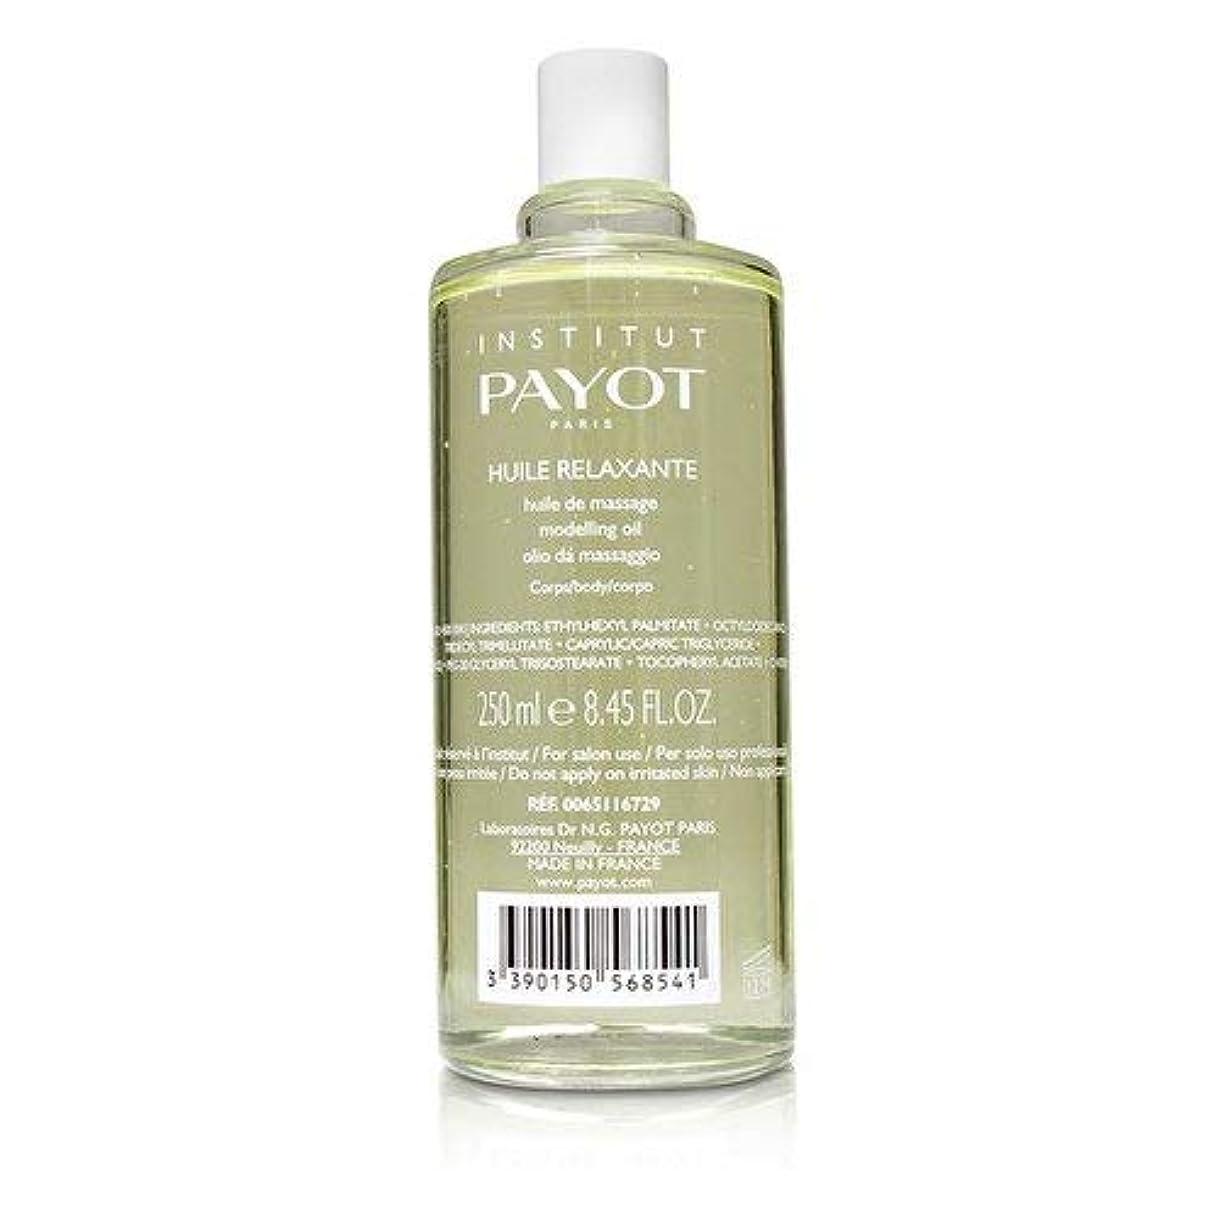 教室乱用序文パイヨ Huile Relaxante - Body Massage Oil (Jasmine & White Tea) (Salon Product) 250ml/8.45oz並行輸入品